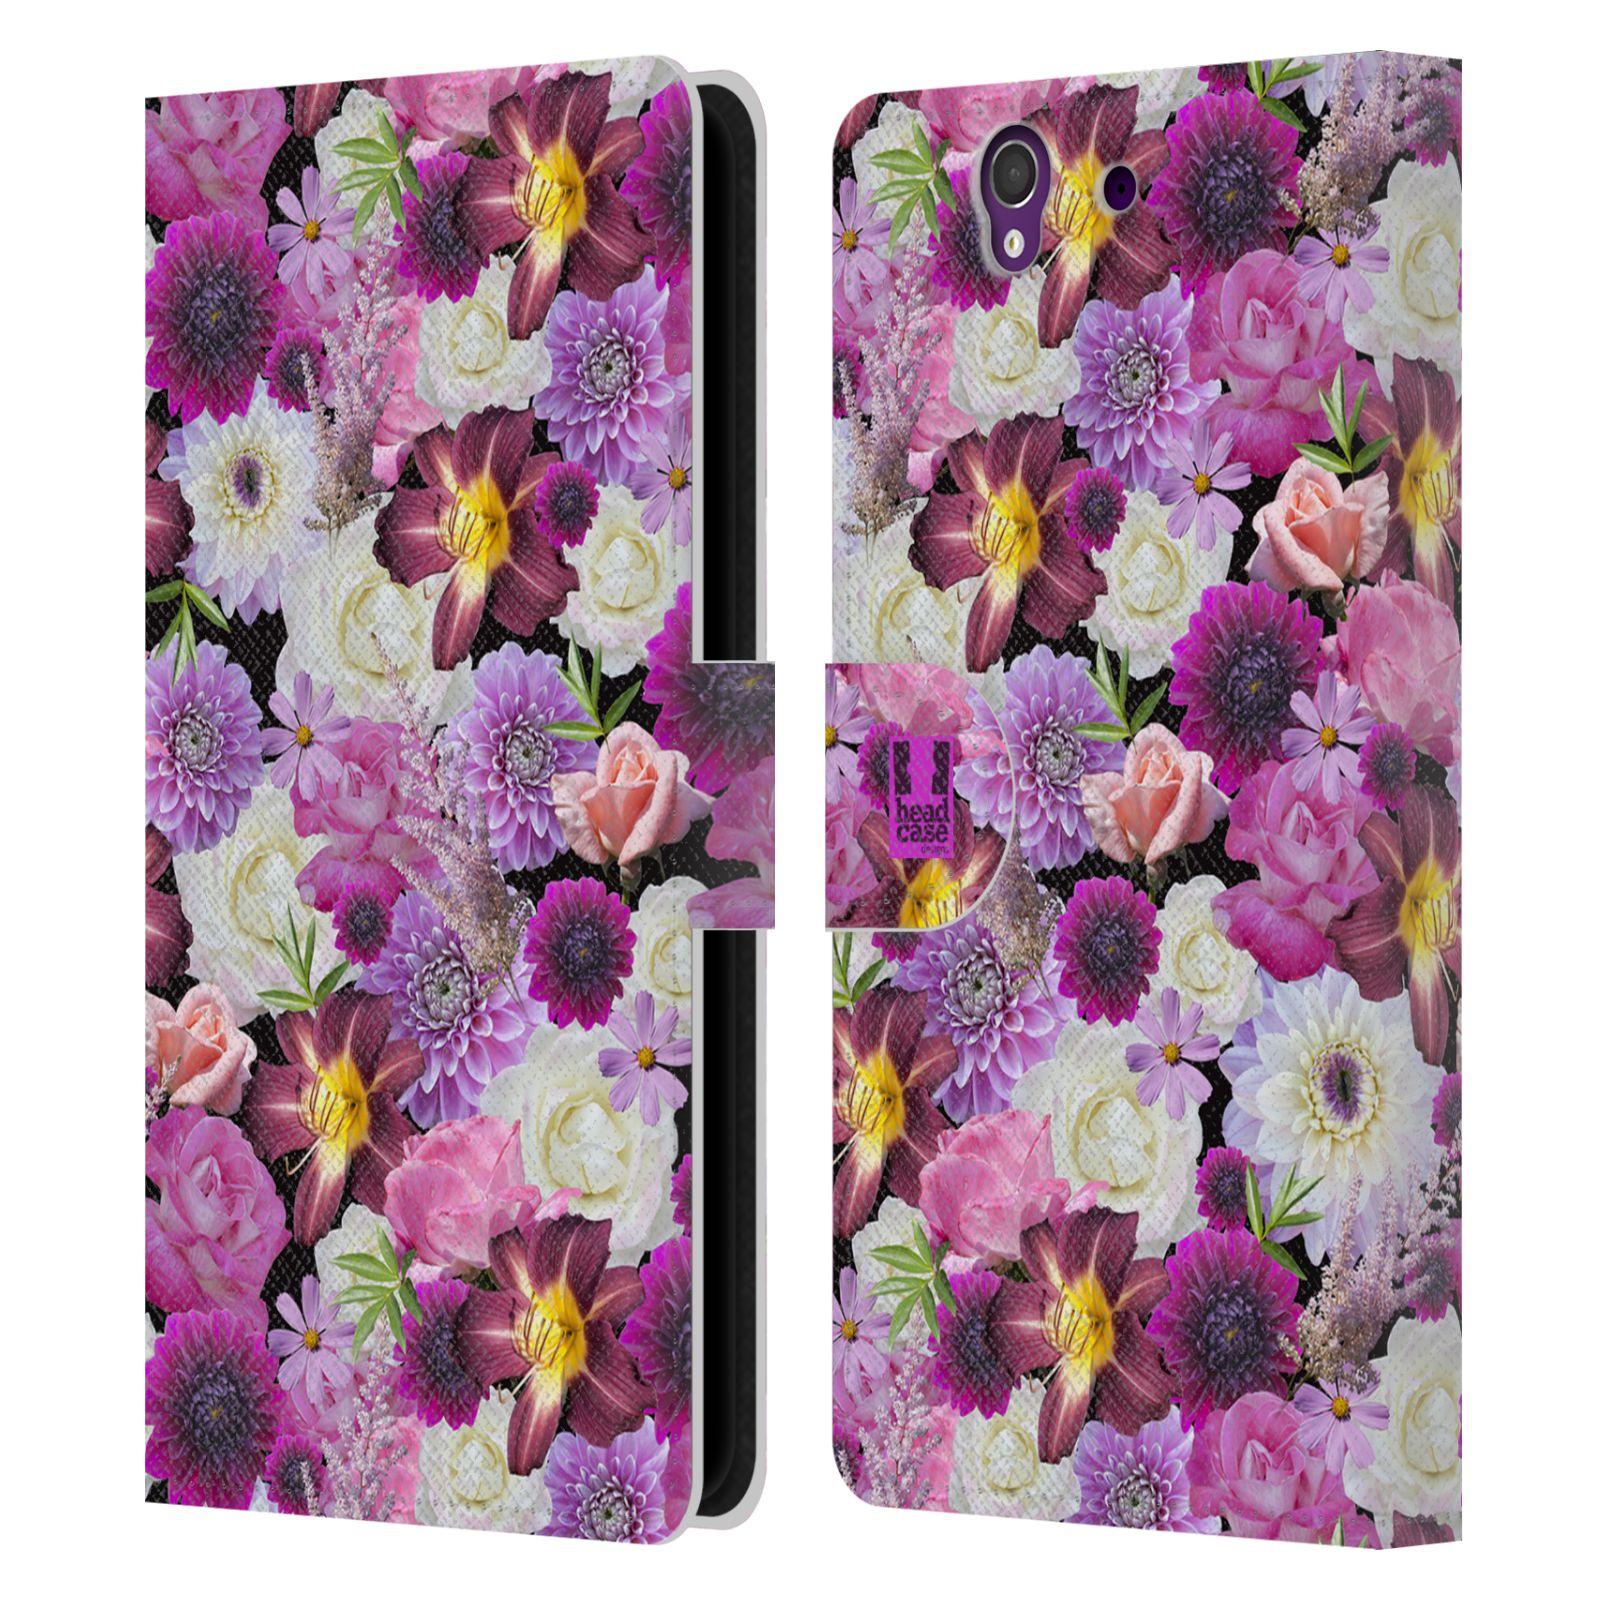 HEAD CASE Flipové pouzdro pro mobil SONY XPERIA Z (C6603) květy foto fialová a bílá